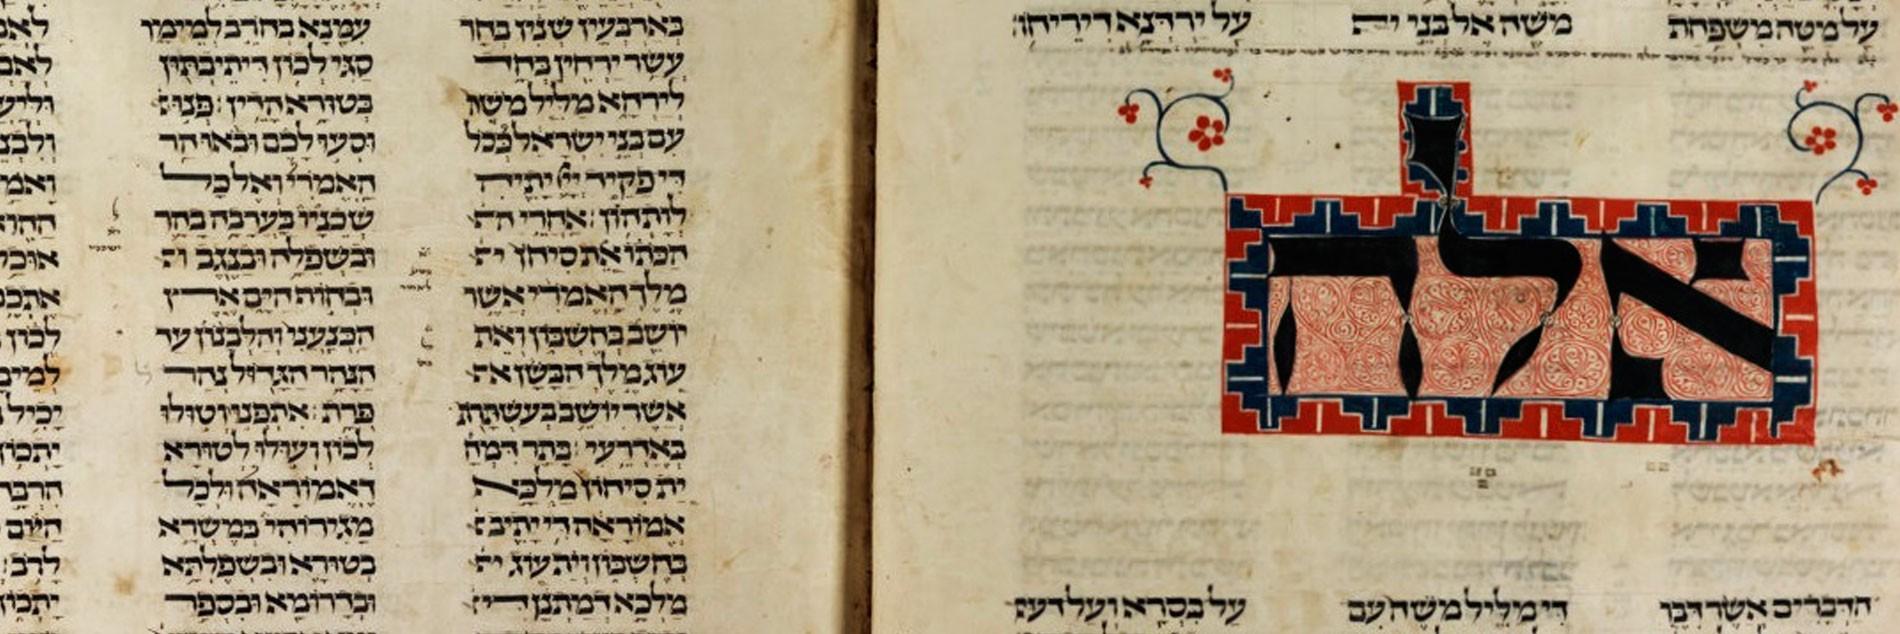 חדש: האוסף הדיגיטלי הגדול בעולם של כתבי יד עבריים